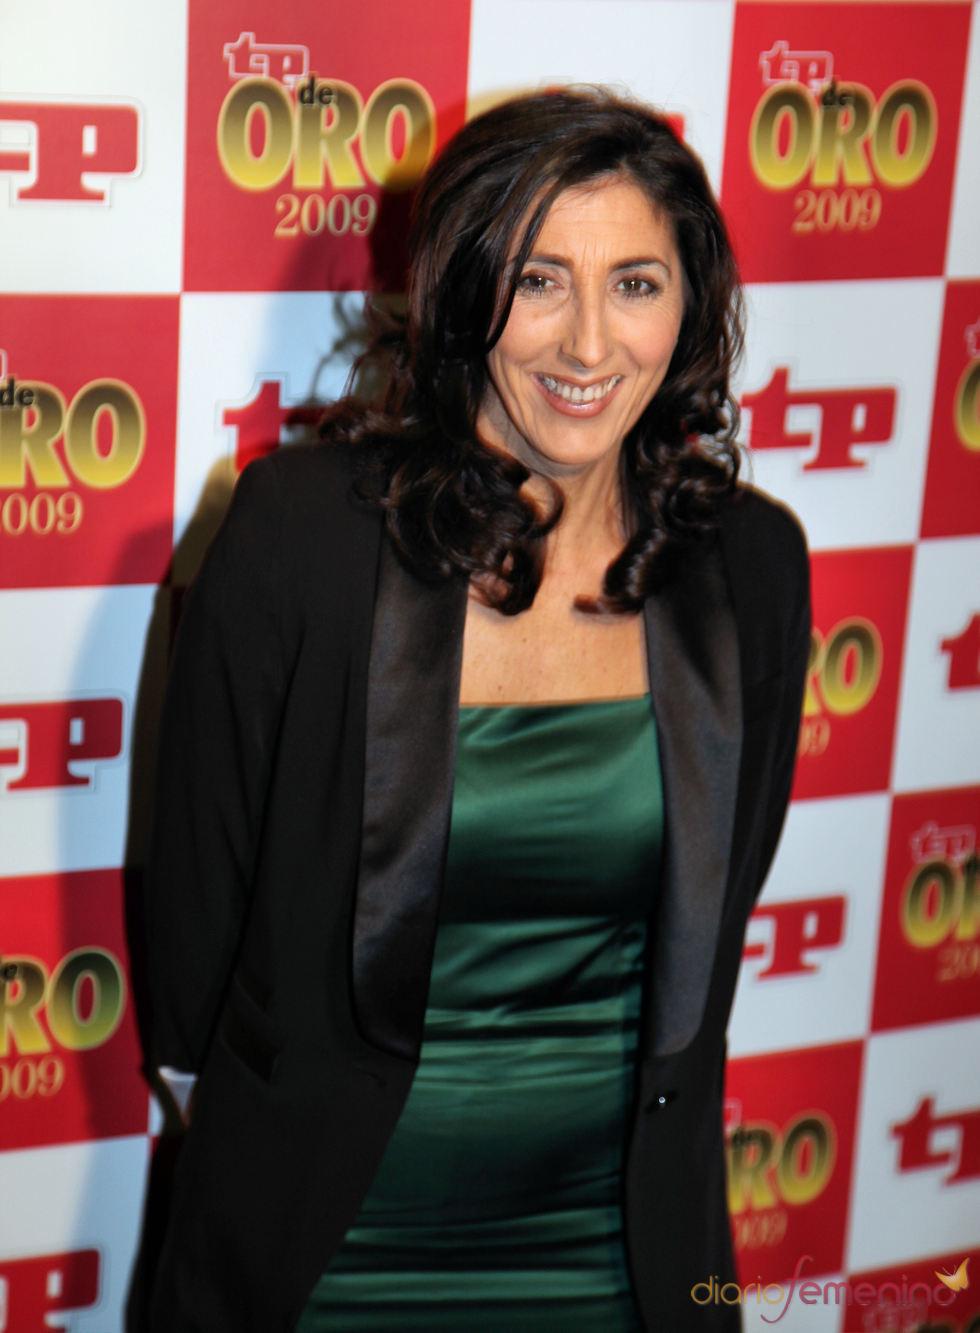 Paz Padilla en los premios TP 2009